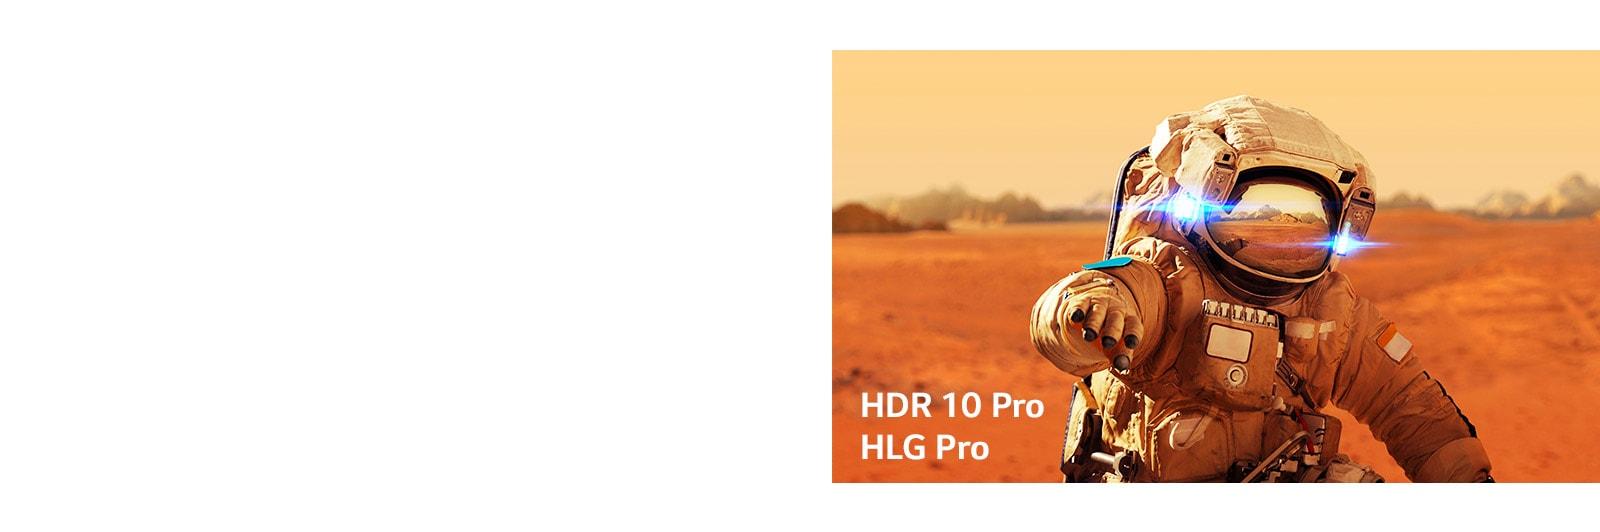 LG 49NANO80TNA HDR 10 Pro HLG Pro